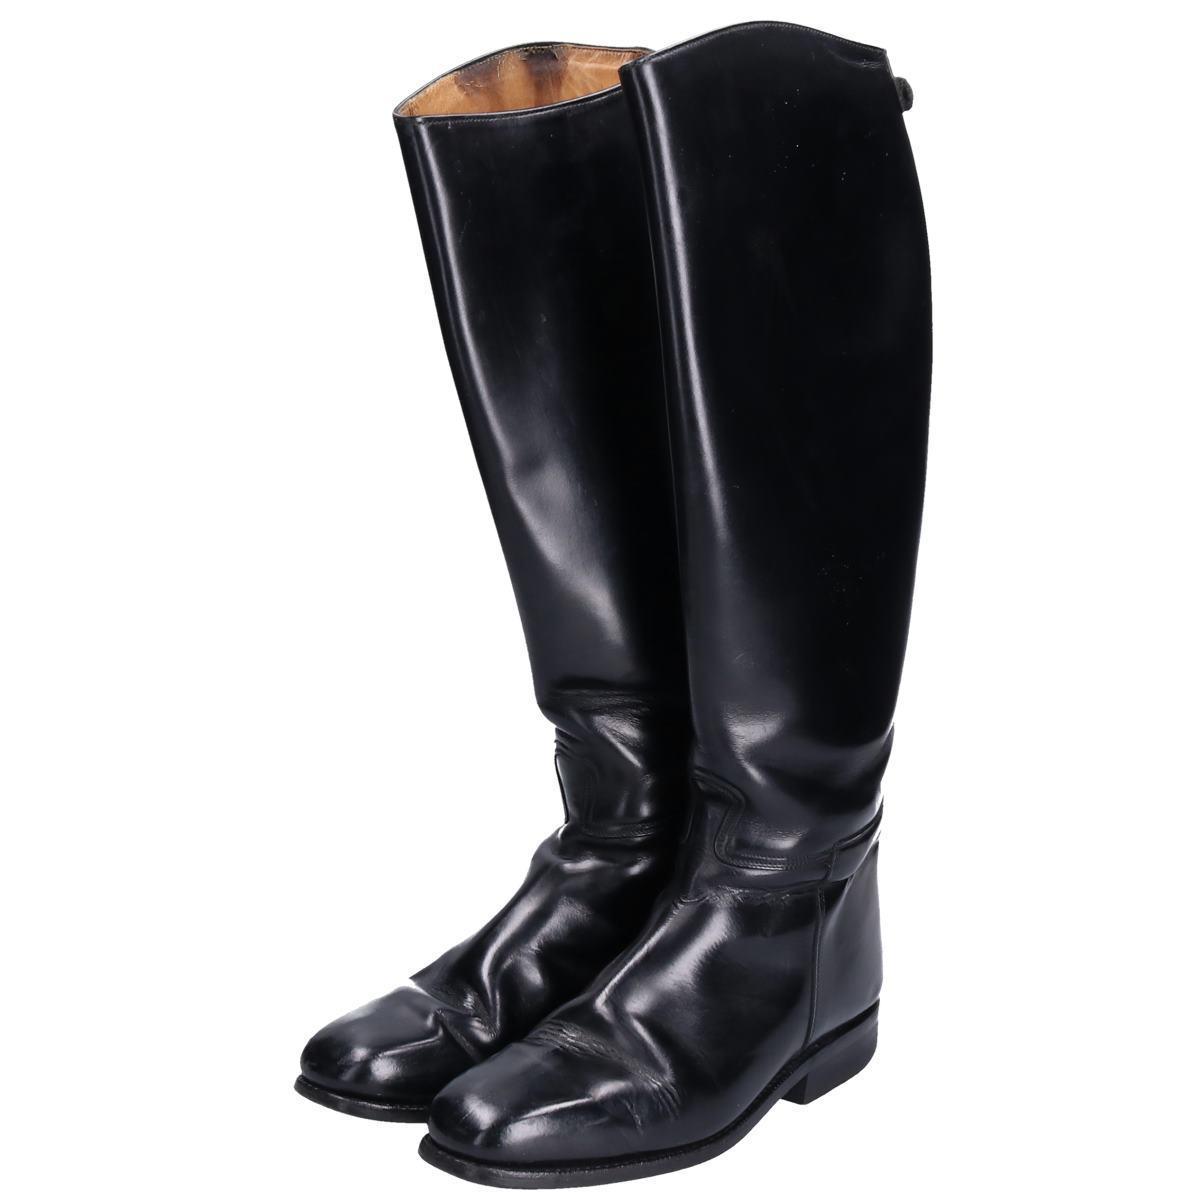 カバロ Cavallo ジョッキー乗馬ブーツ 6.5 レディース24.5cm /bop6582 【中古】 【190922】